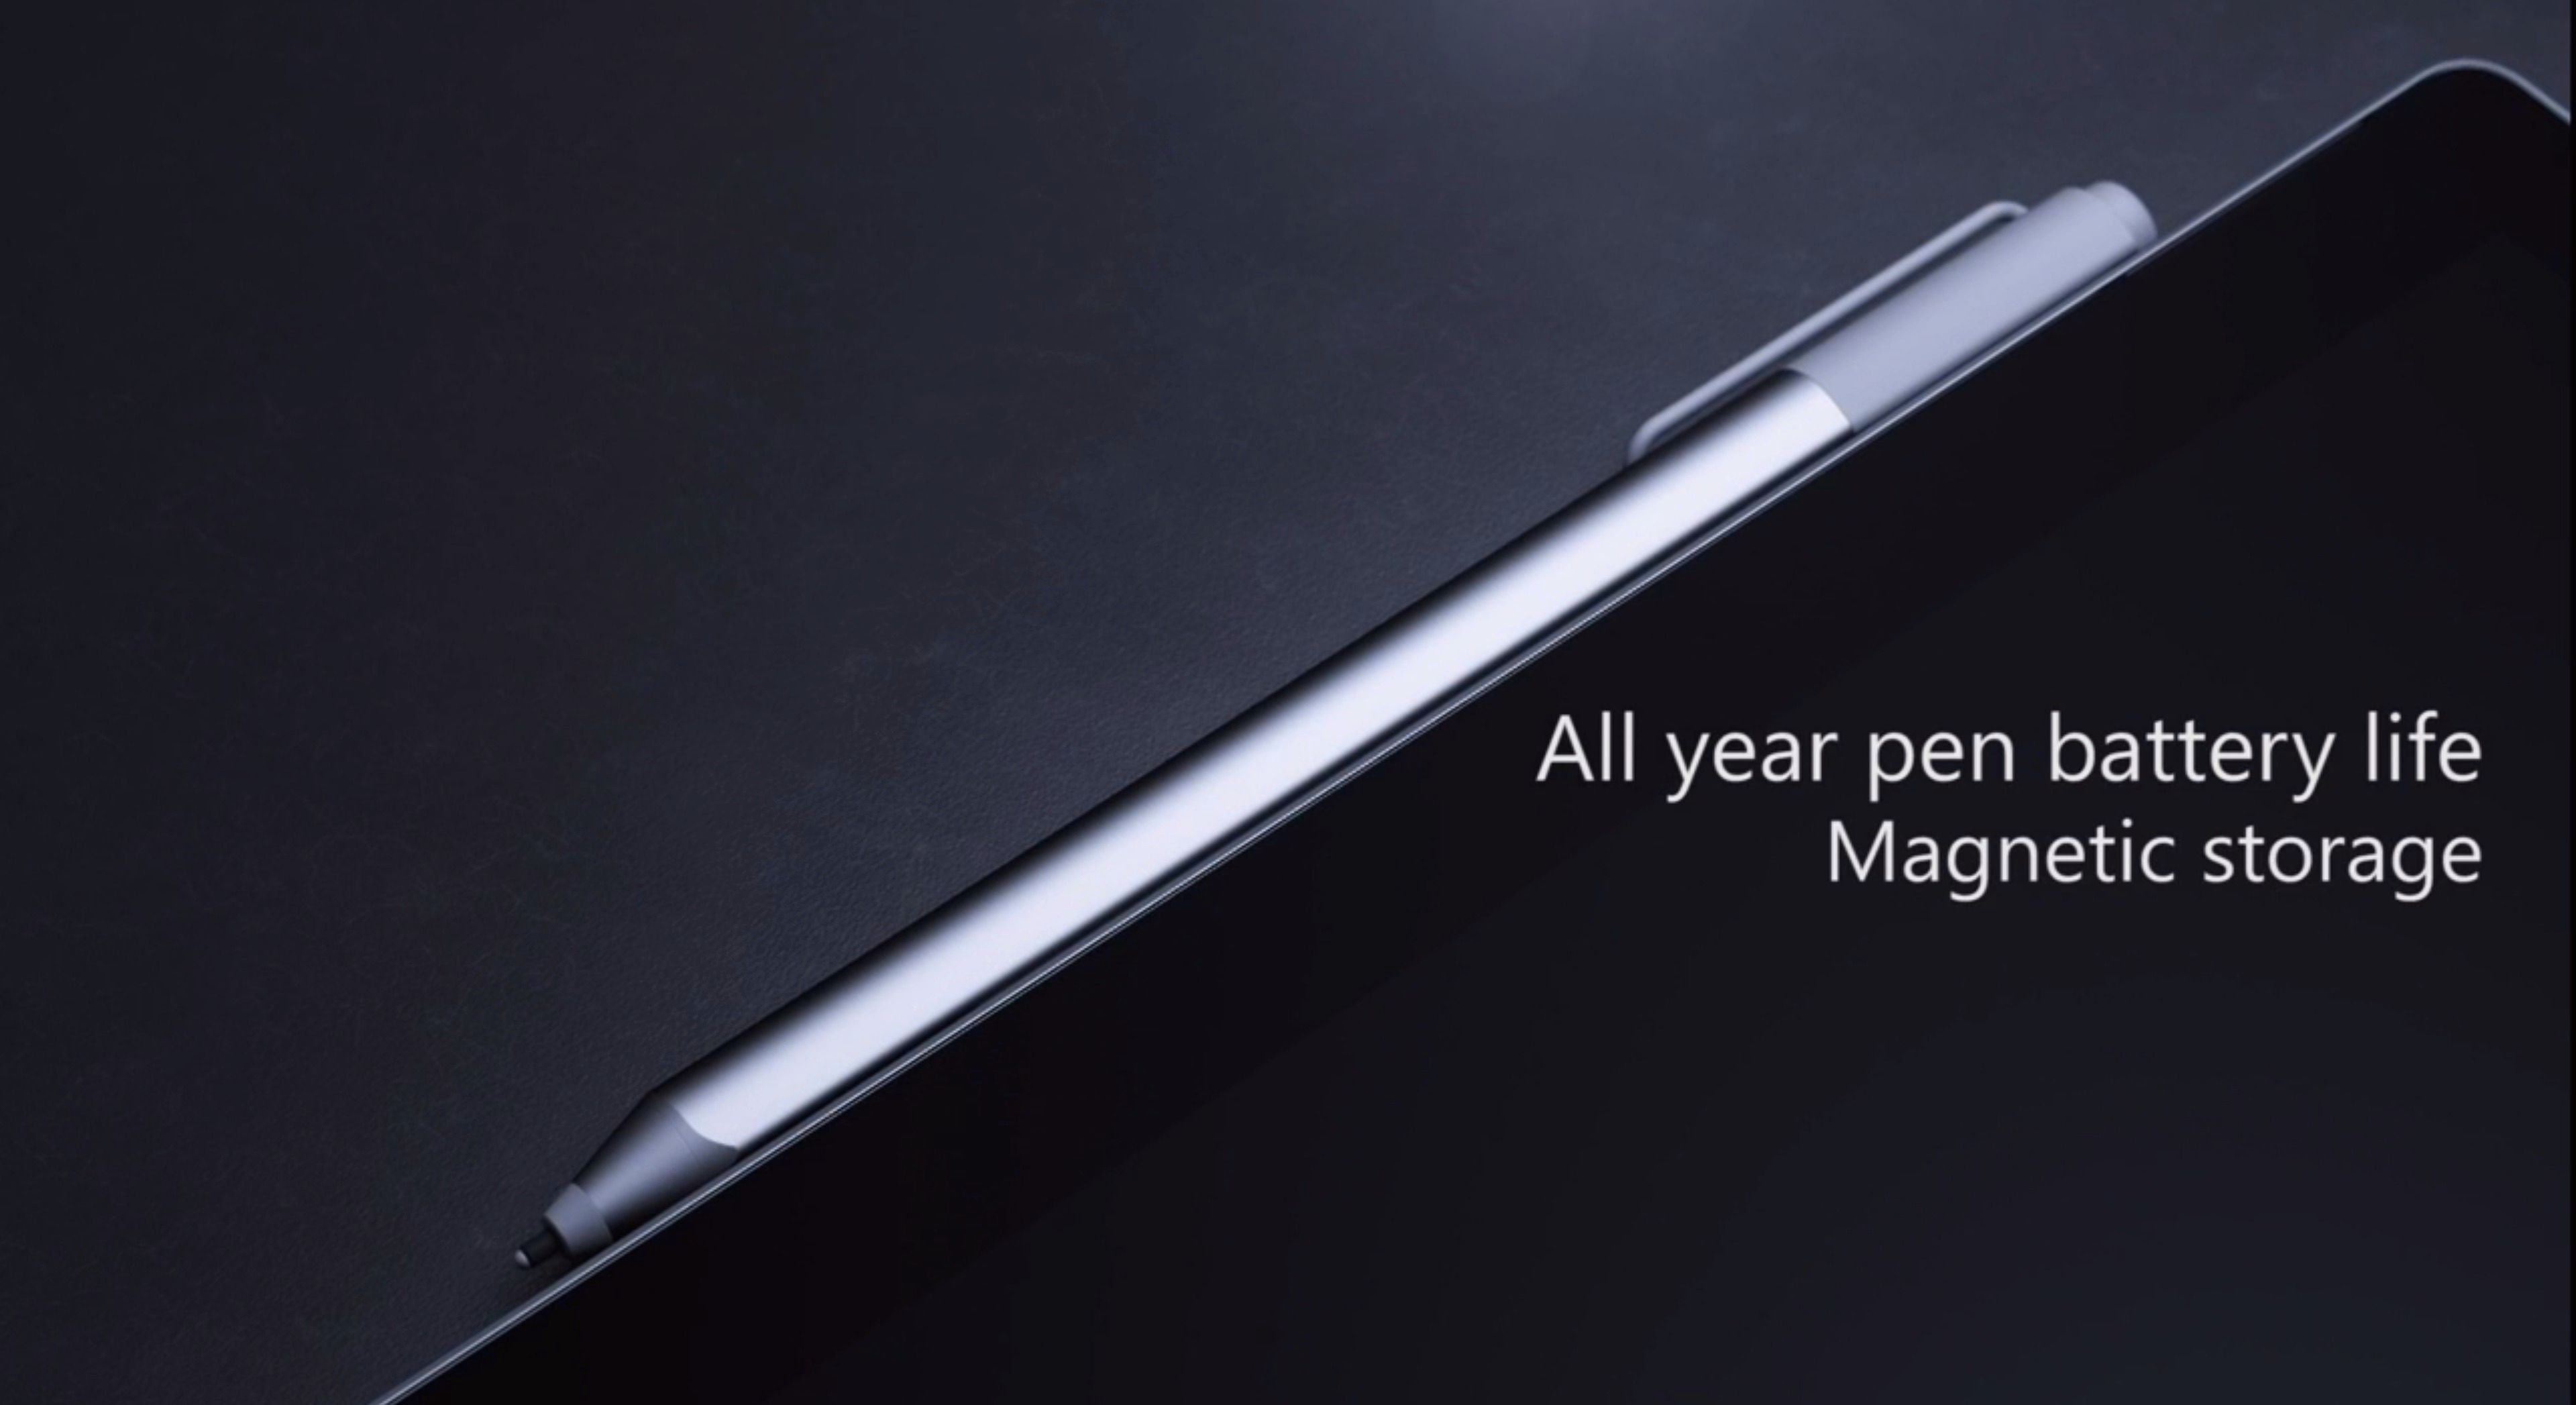 Pennen kan festes til toppen av Surface Pro 4, og lades automatisk derfra. Foto: Microsoft, skjermdump fra video